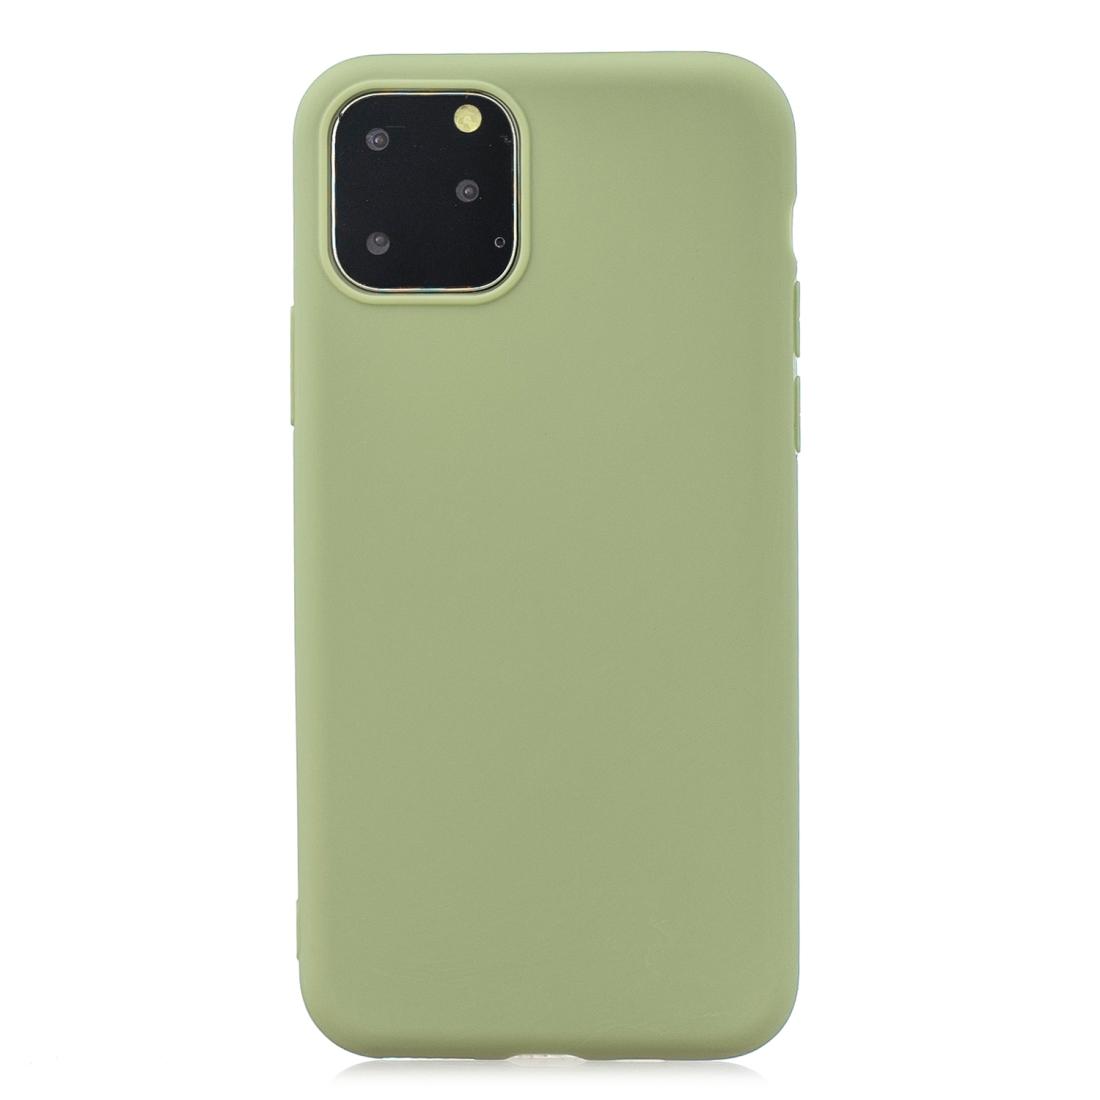 Matný silikonový obal na iPhone 11 Pro - hráškově zelená